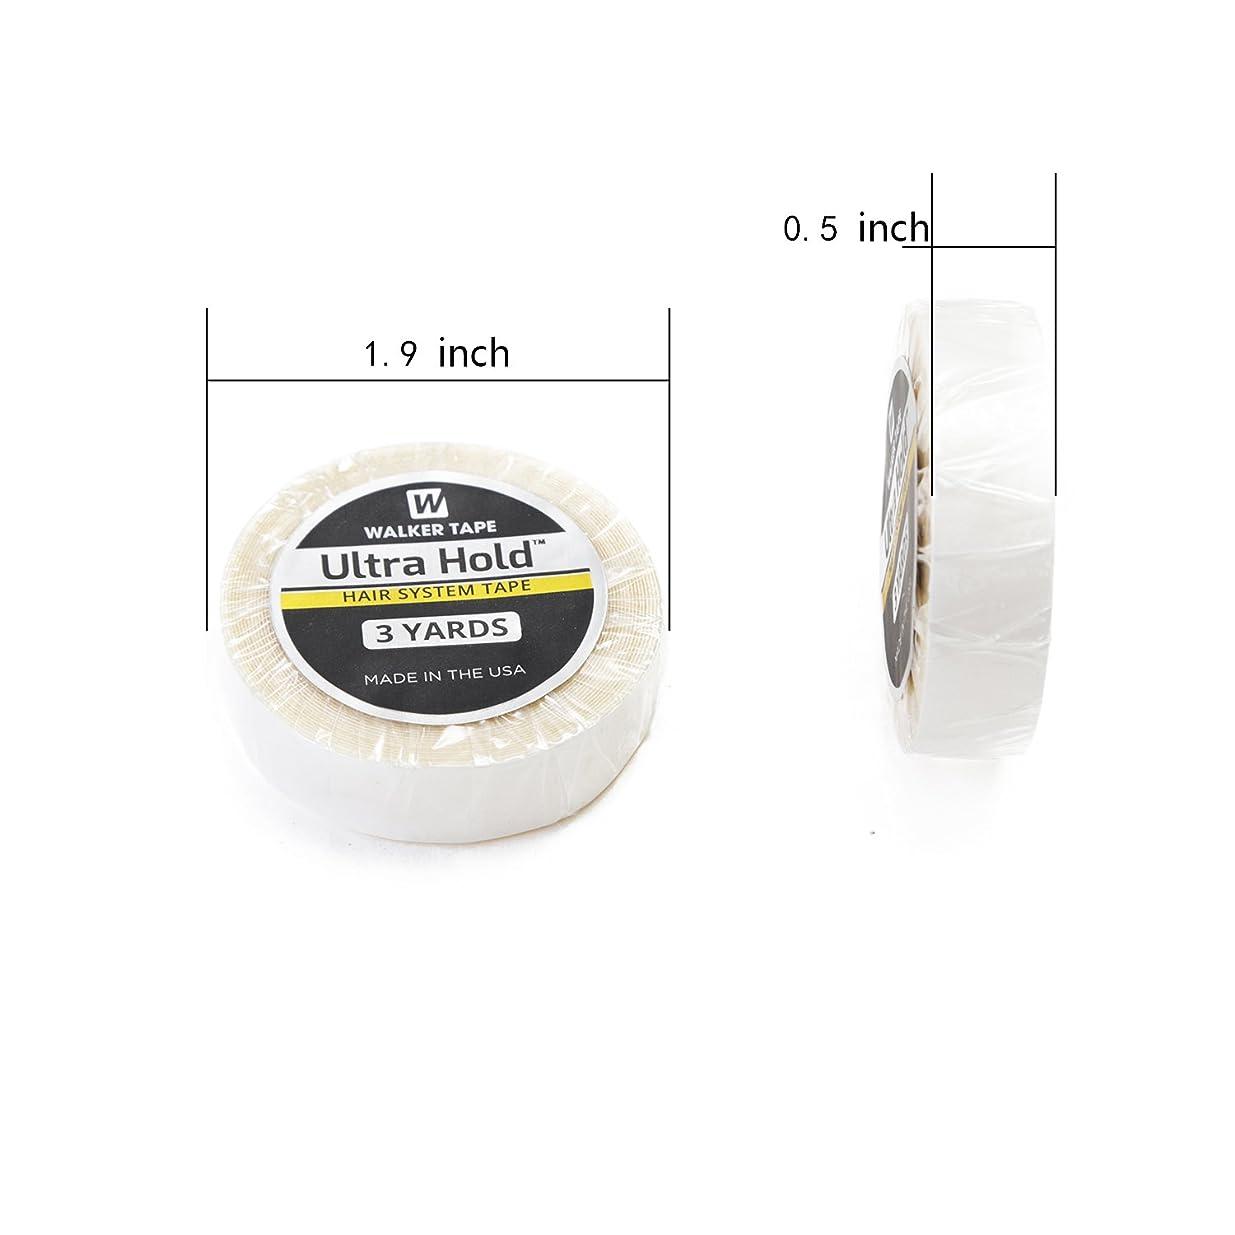 参加者レーダーまだらNeitsi(ネイティス)かつら用両面テープ ウルトラホールドロールテープ ULTRA HOLD TAPE 強力両面テープ ウィッグ用両面テープ 1個1.27cm白